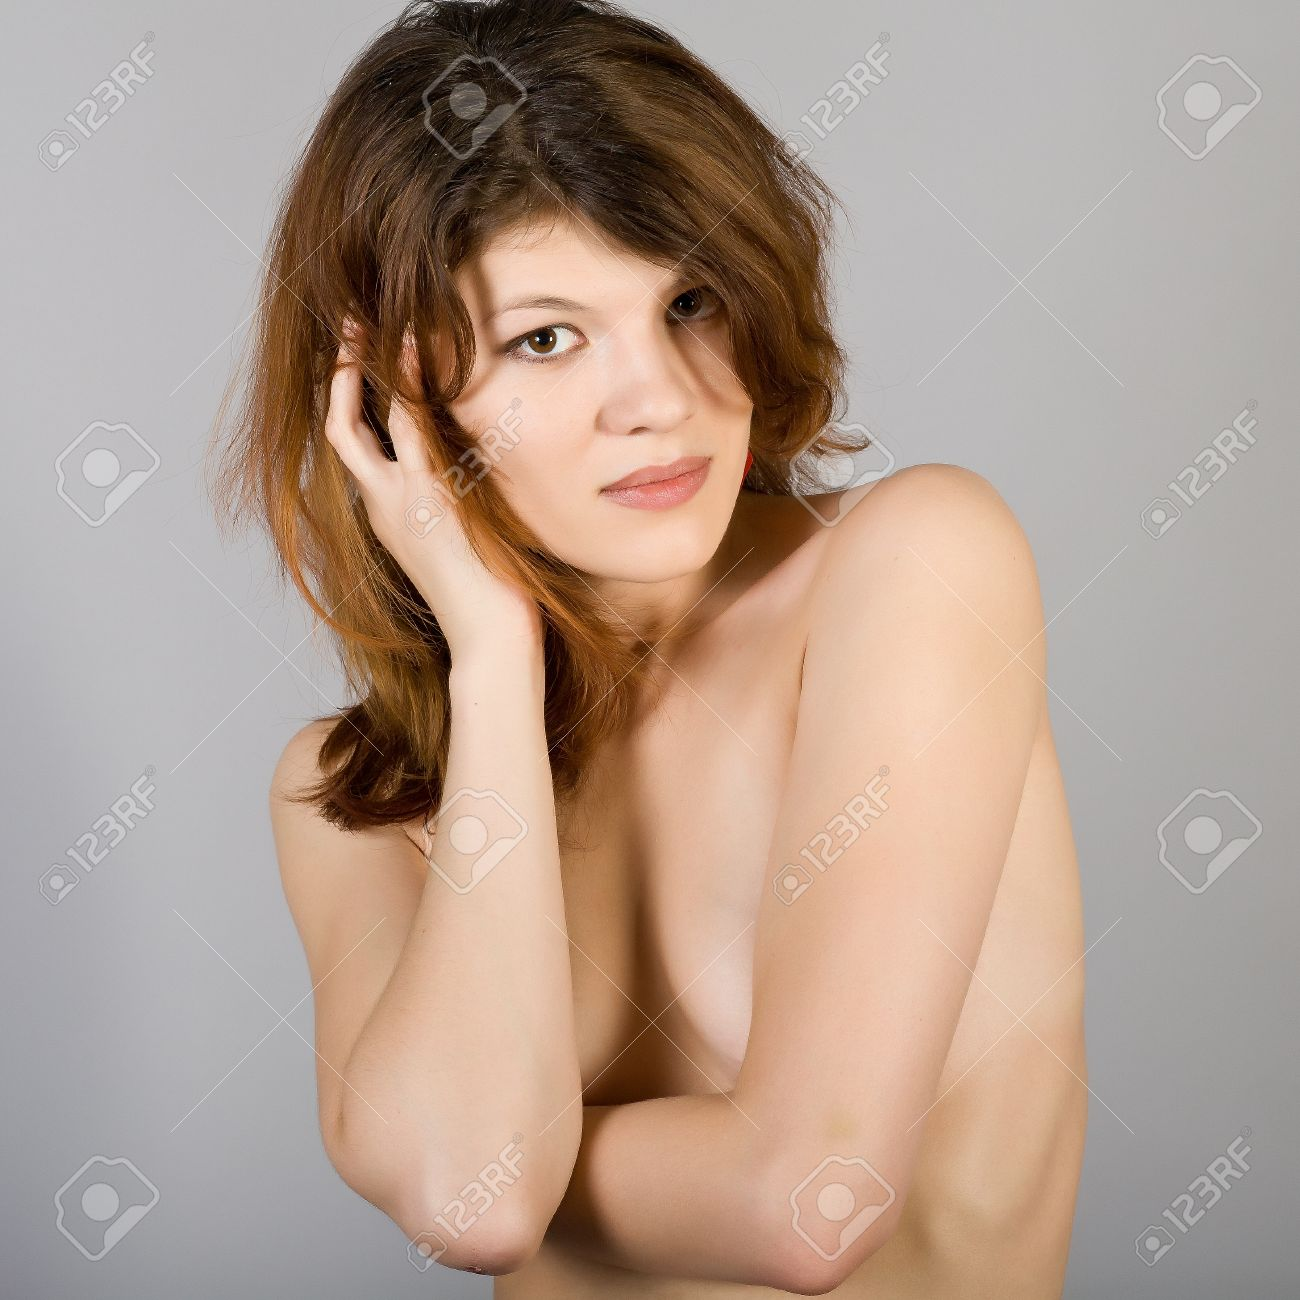 Sexy salvadorian